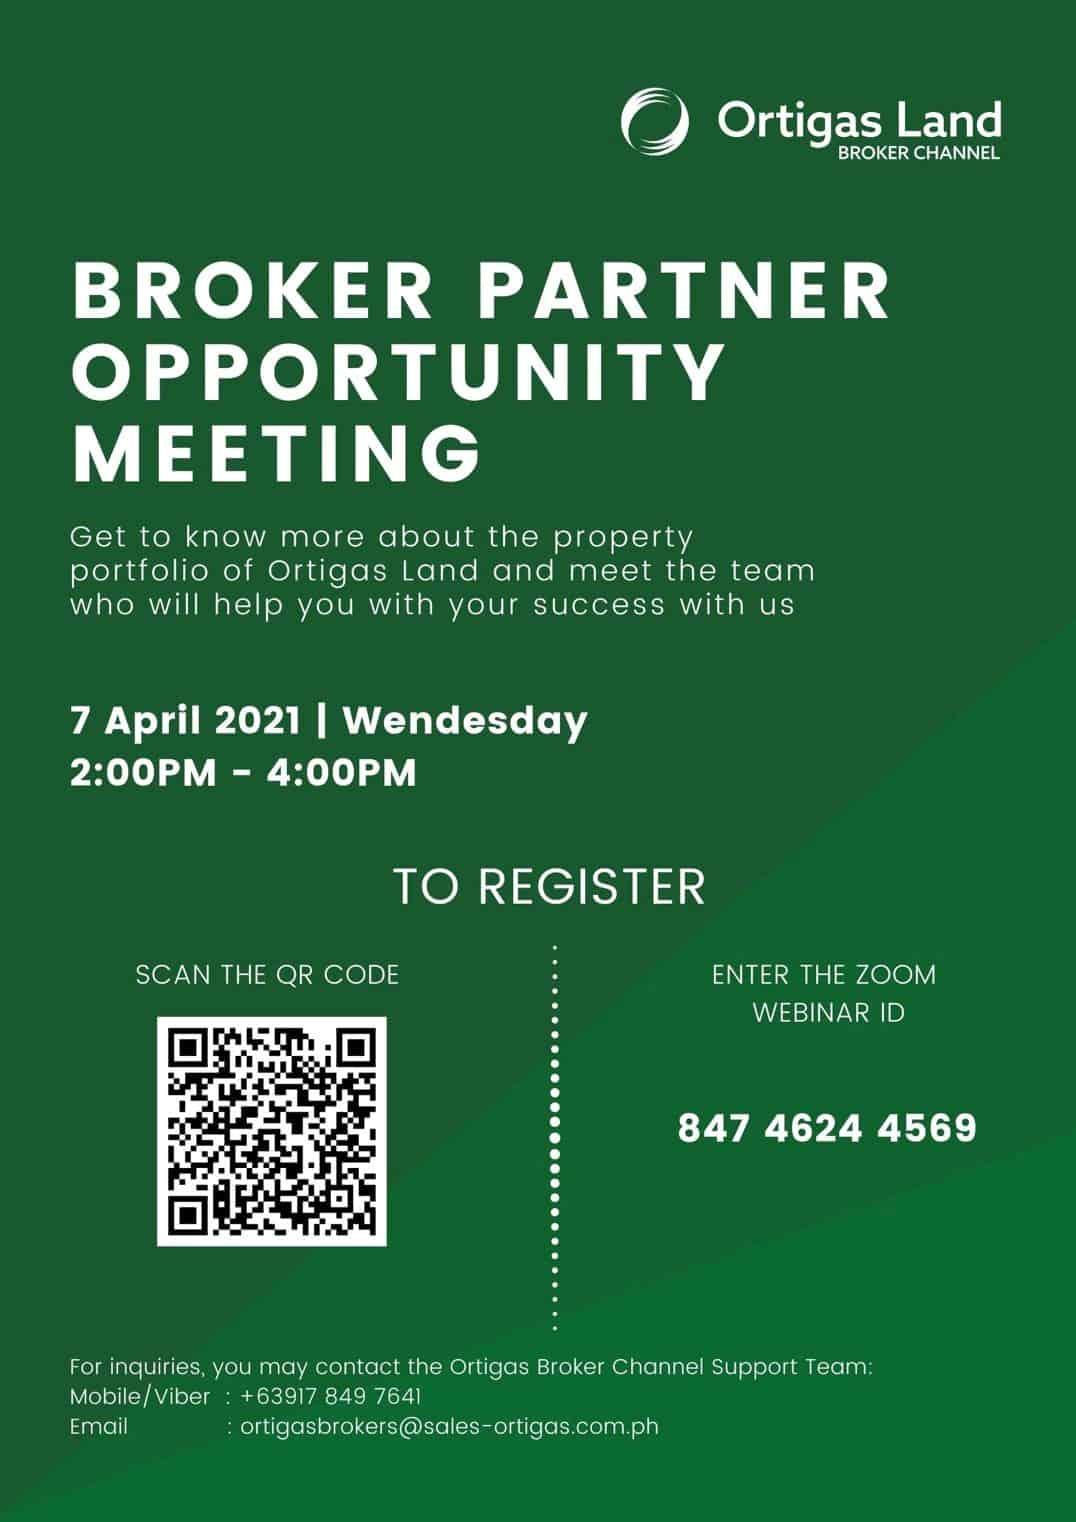 Broker Partner Opportunity